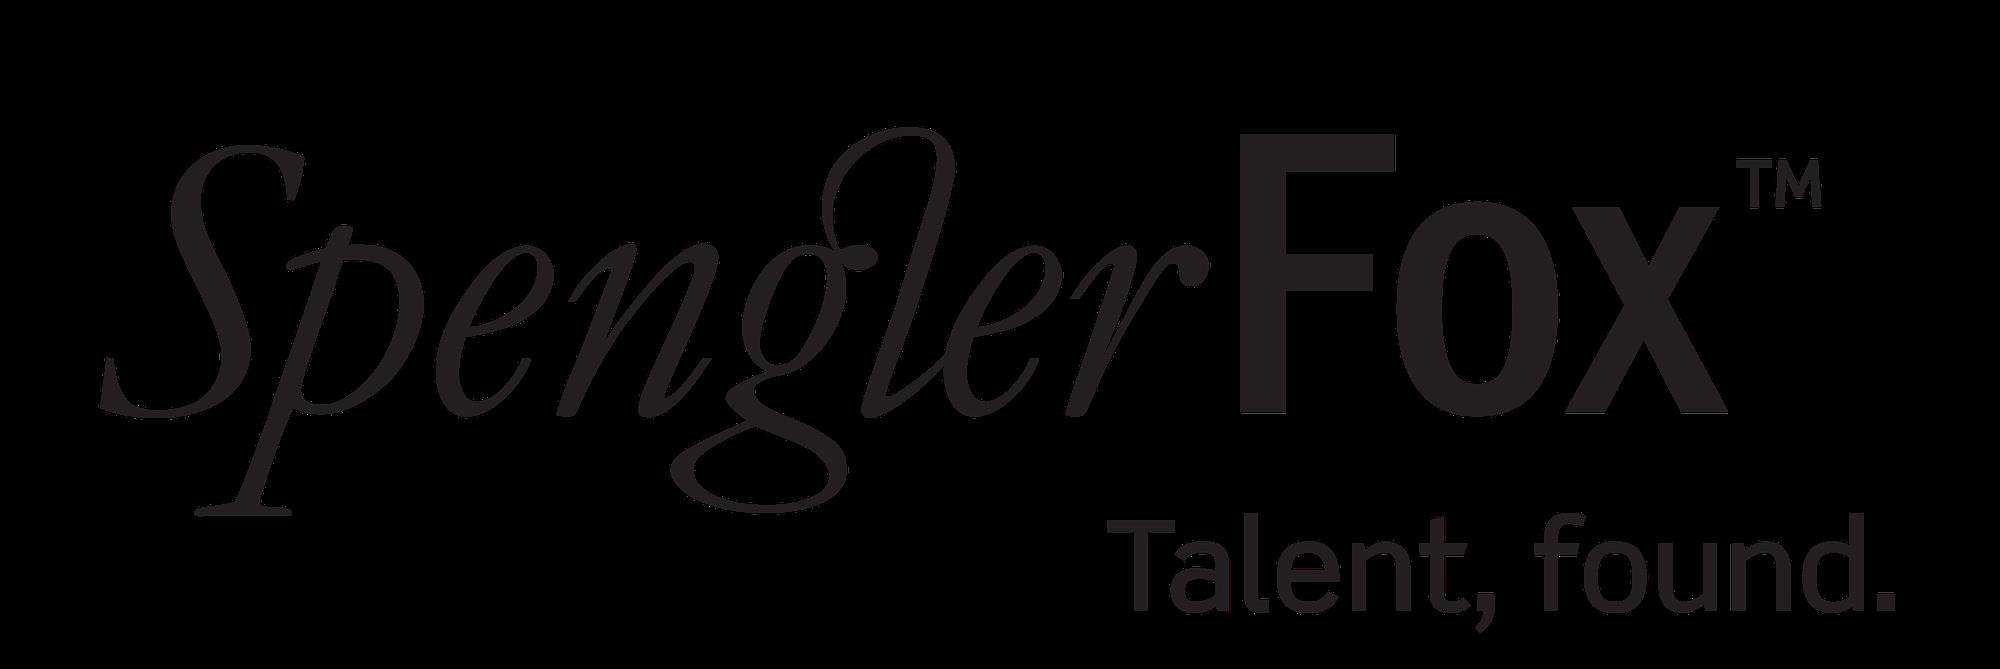 Spengler Fox